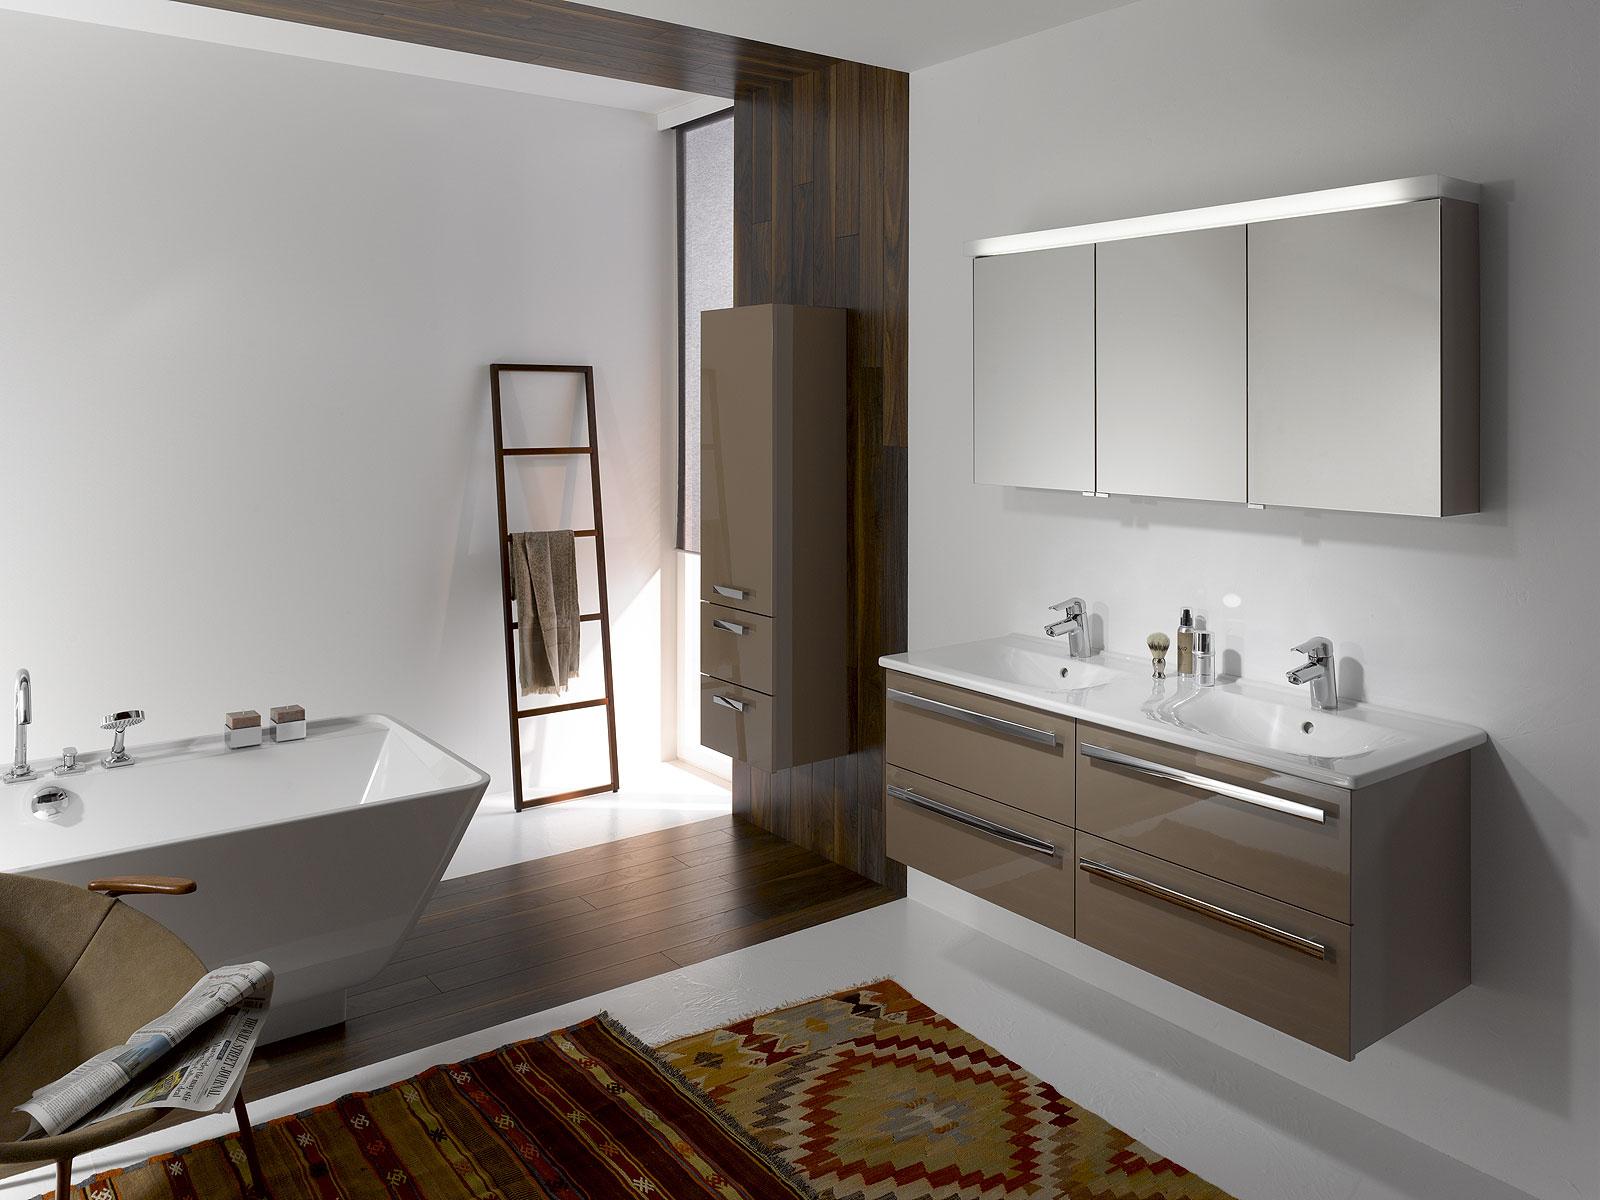 Fantastiskt modernt badrumstillbehör